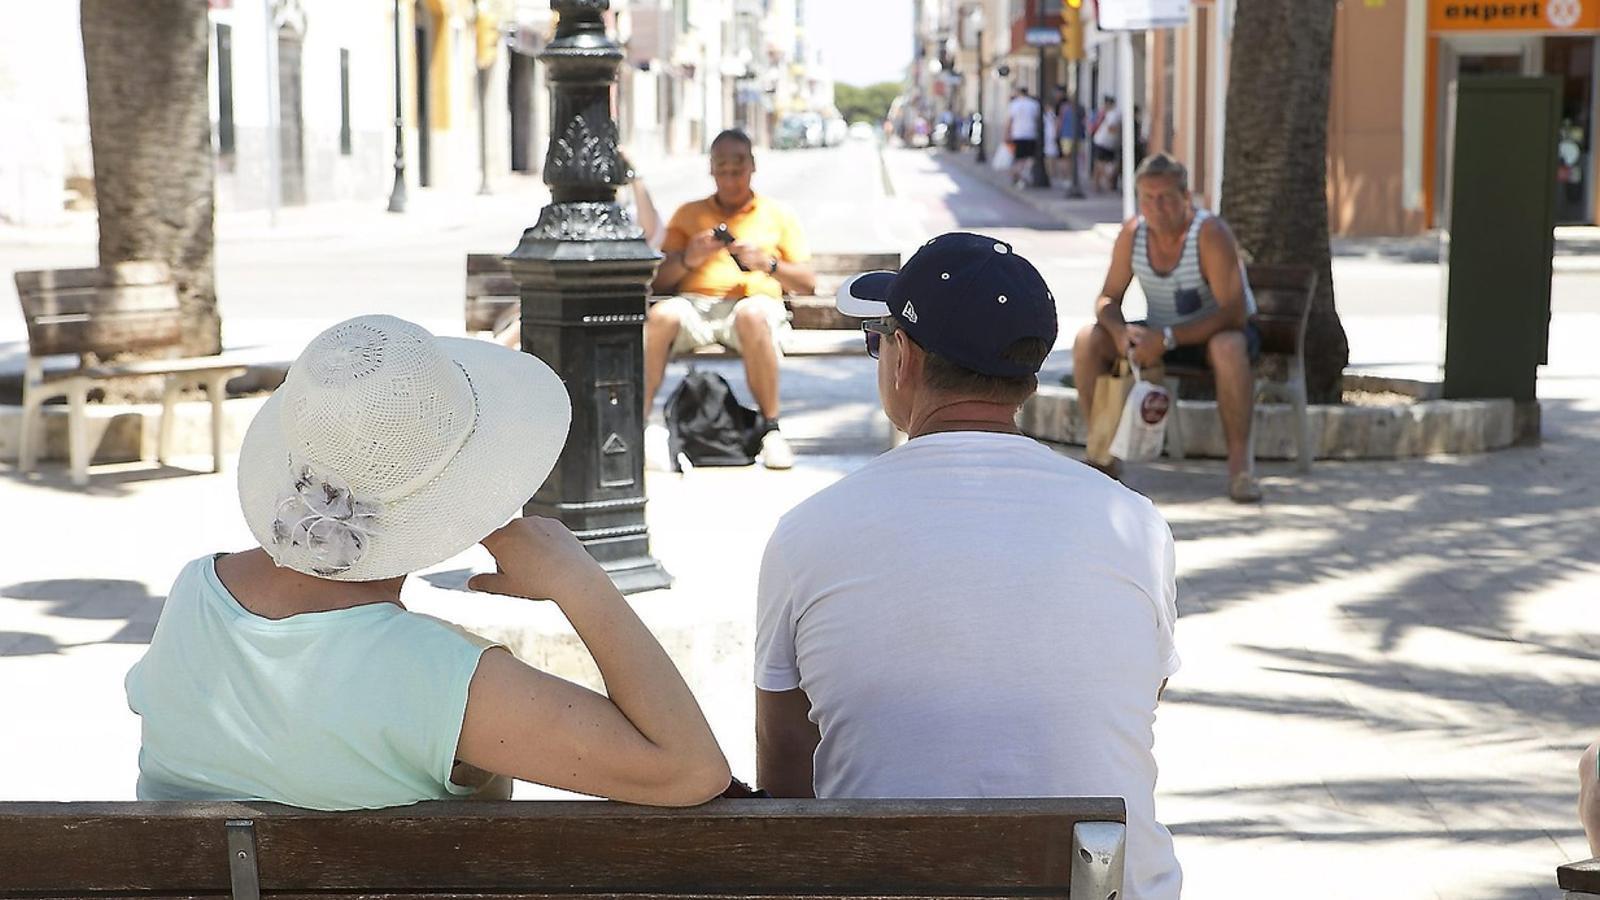 La pitjor part de l'onada de calor comença ara  Diversos rècords  de calor a Europa